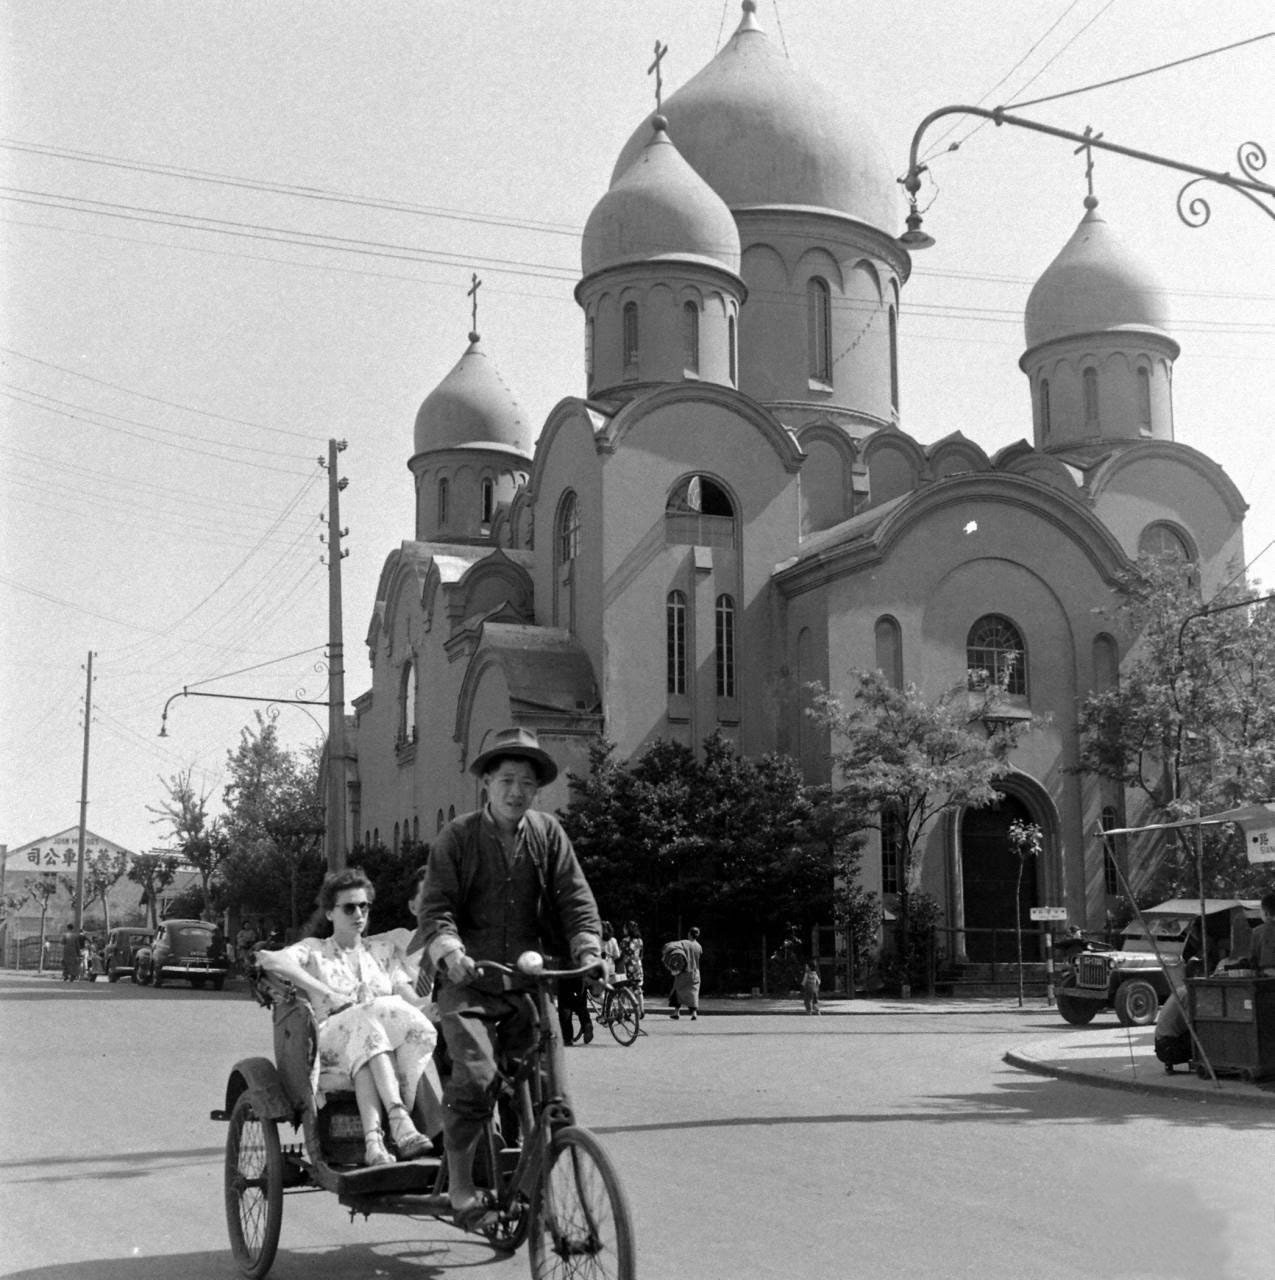 30 после ii ватиканского собора в 1966 году в базилике был сооружен восточный придел для православных богослужений